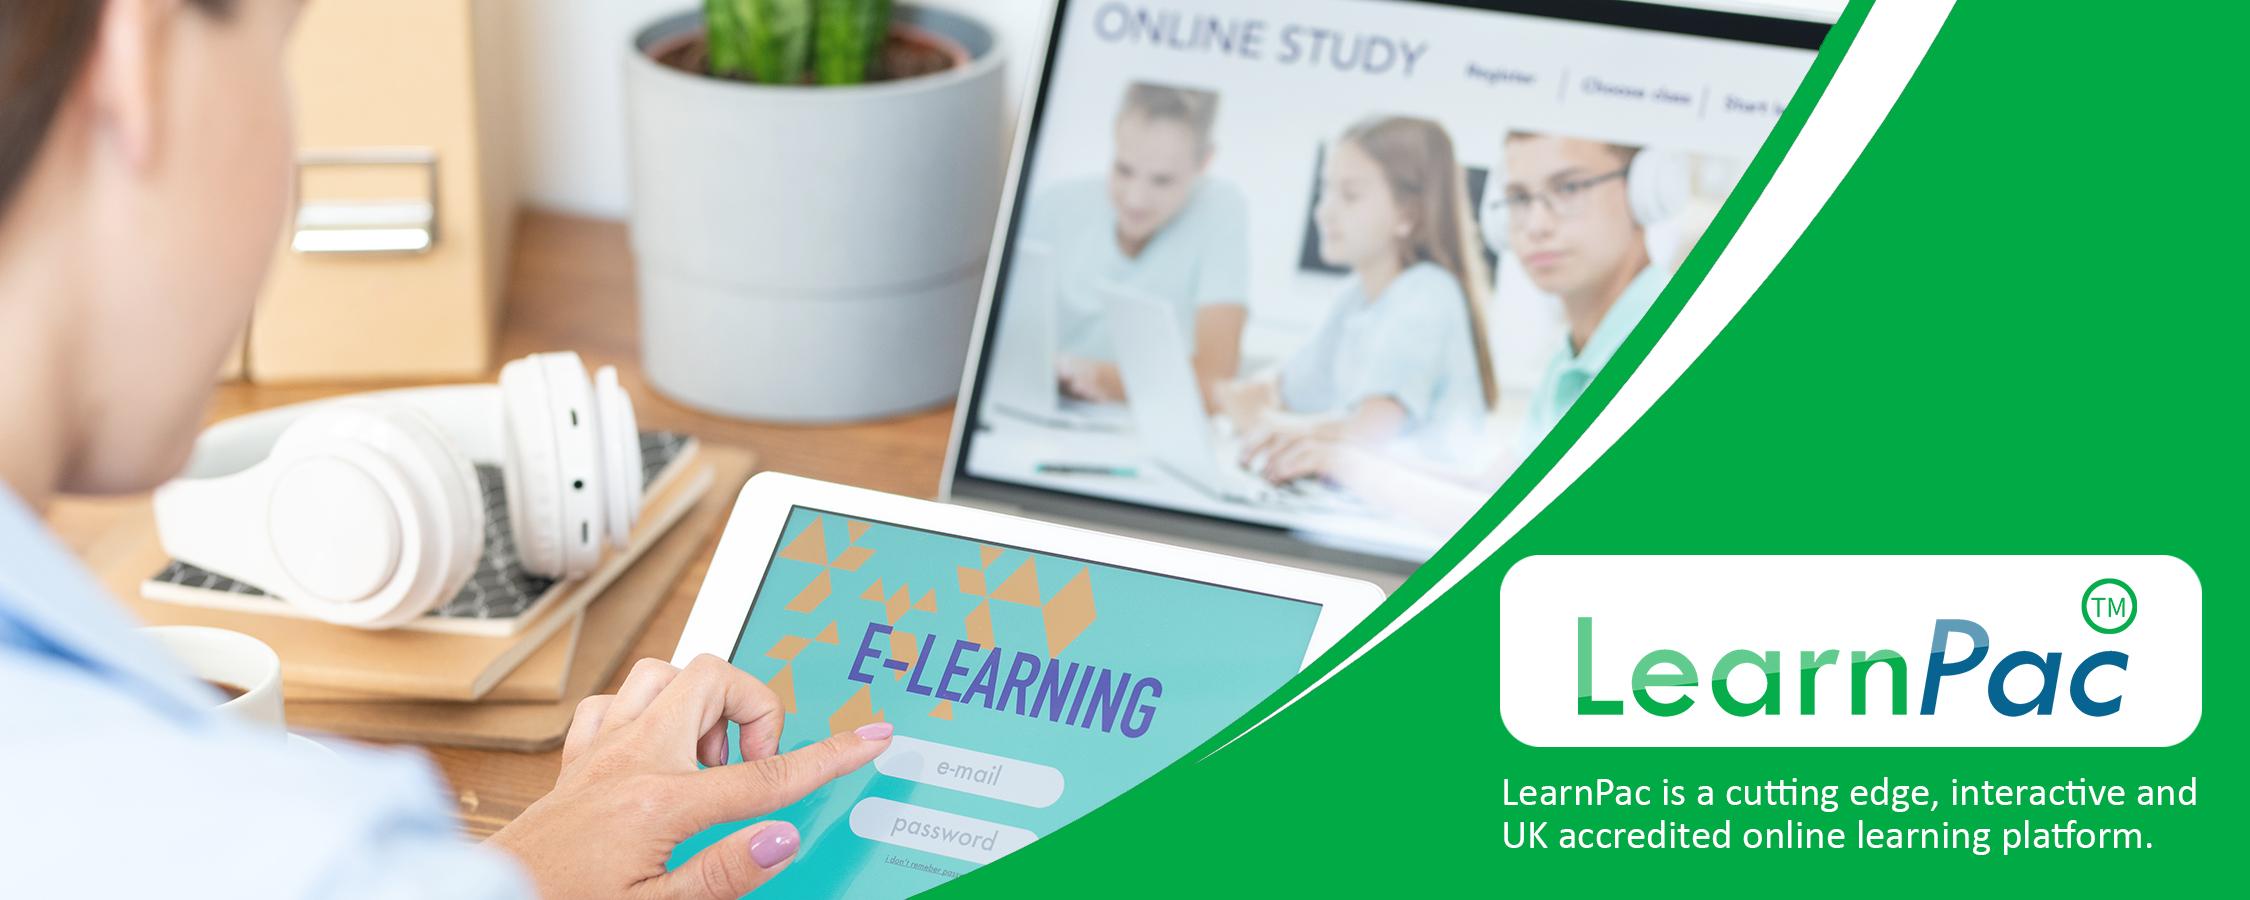 Understanding Dementia - Online Learning Courses - E-Learning Courses - LearnPac Systems UK -